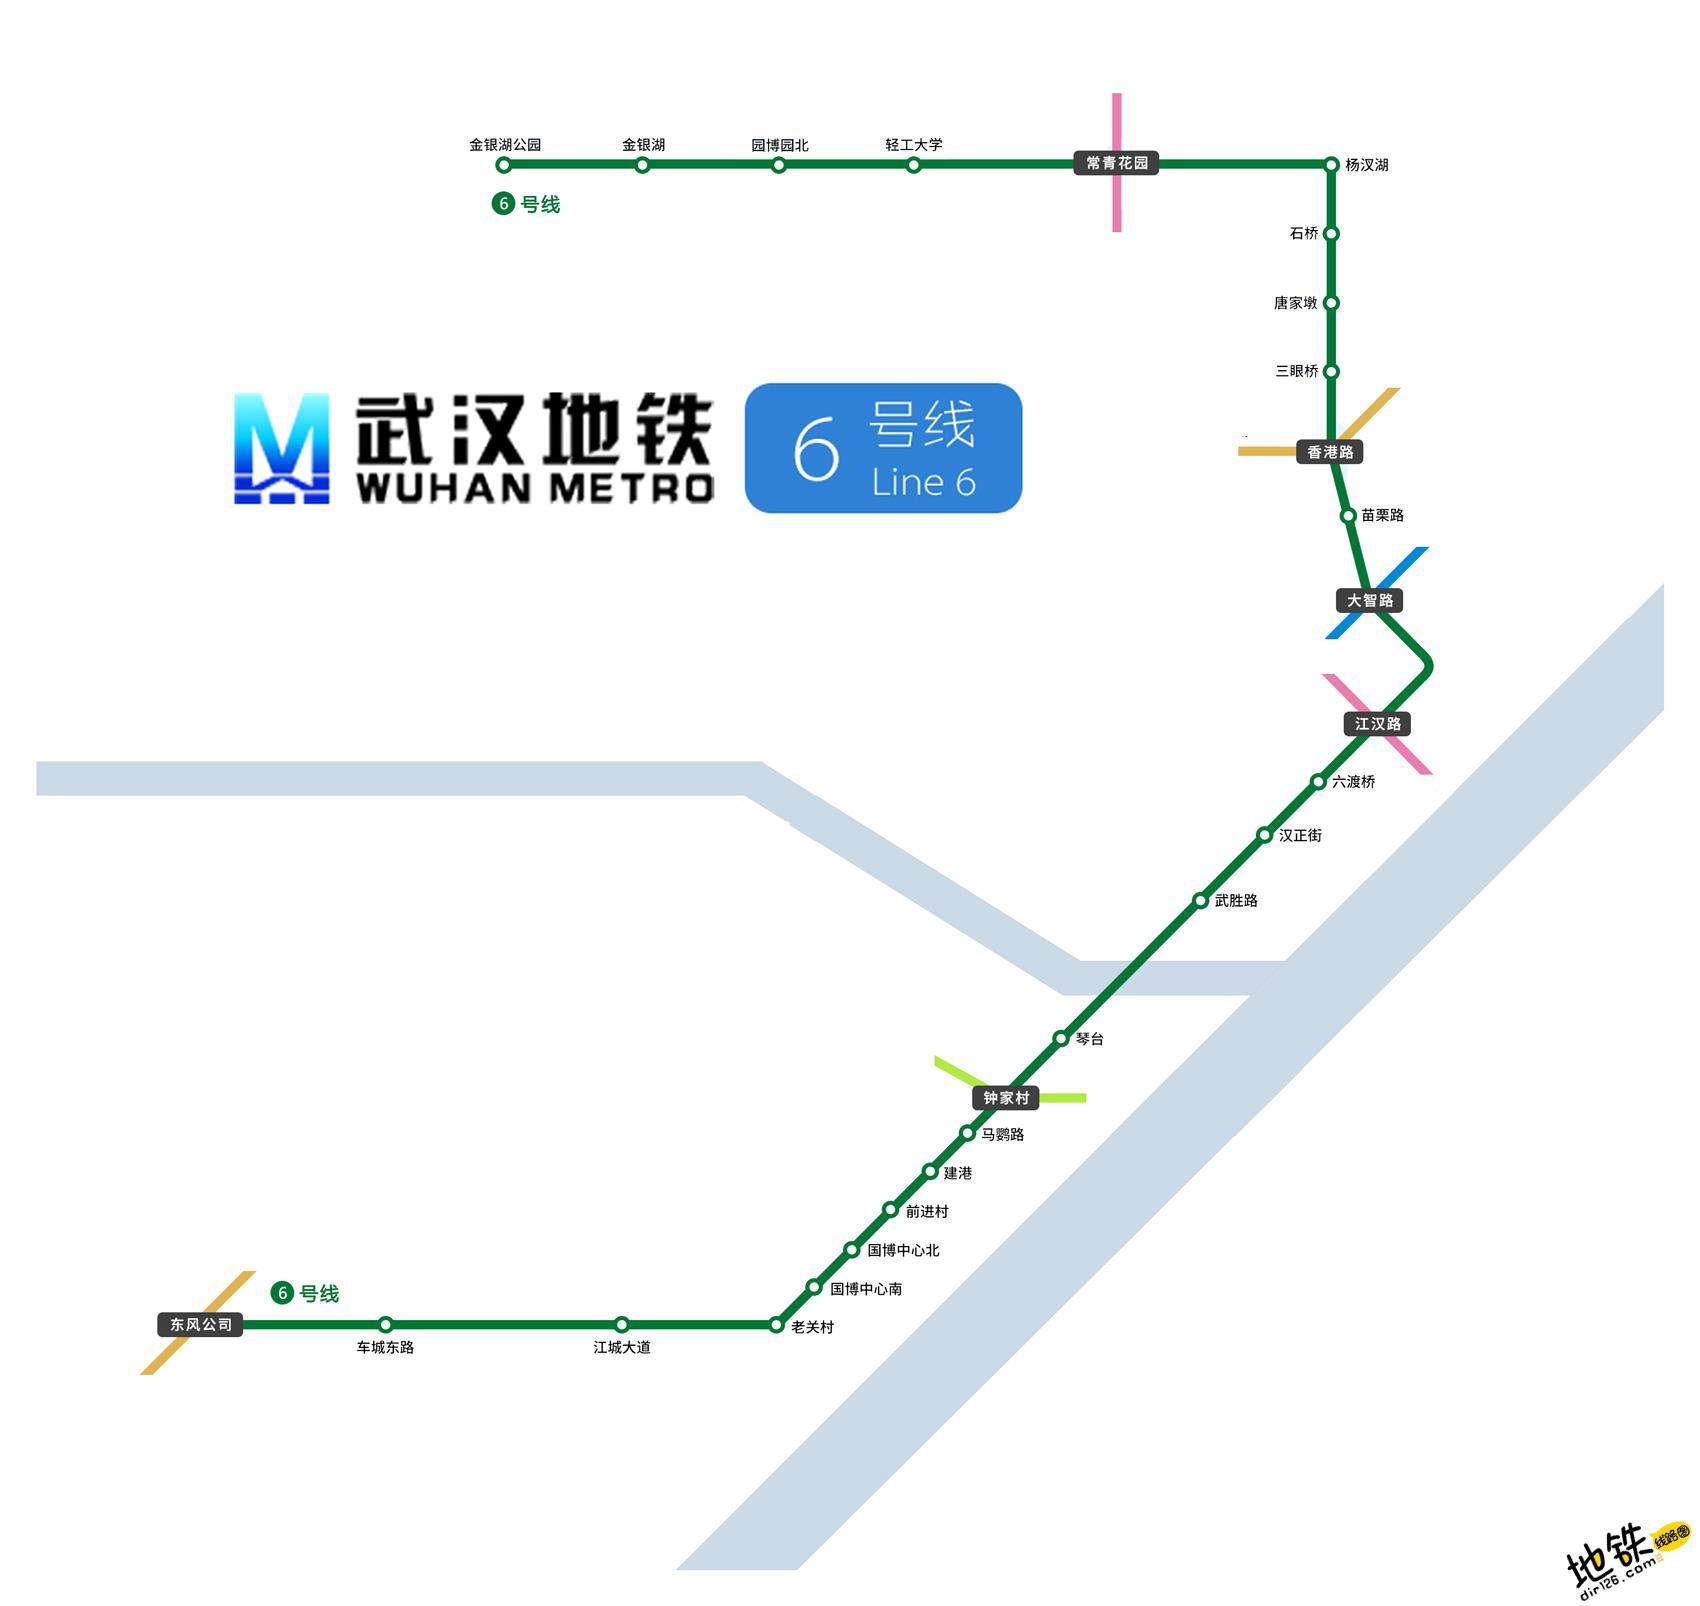 武汉地铁6号线线路图 运营时间票价站点 查询下载 武汉地铁6号线查询 武汉地铁6号线运营时间 武汉地铁6号线线路图 武汉地铁6号线 武汉地铁六号线 武汉地铁线路图  第2张